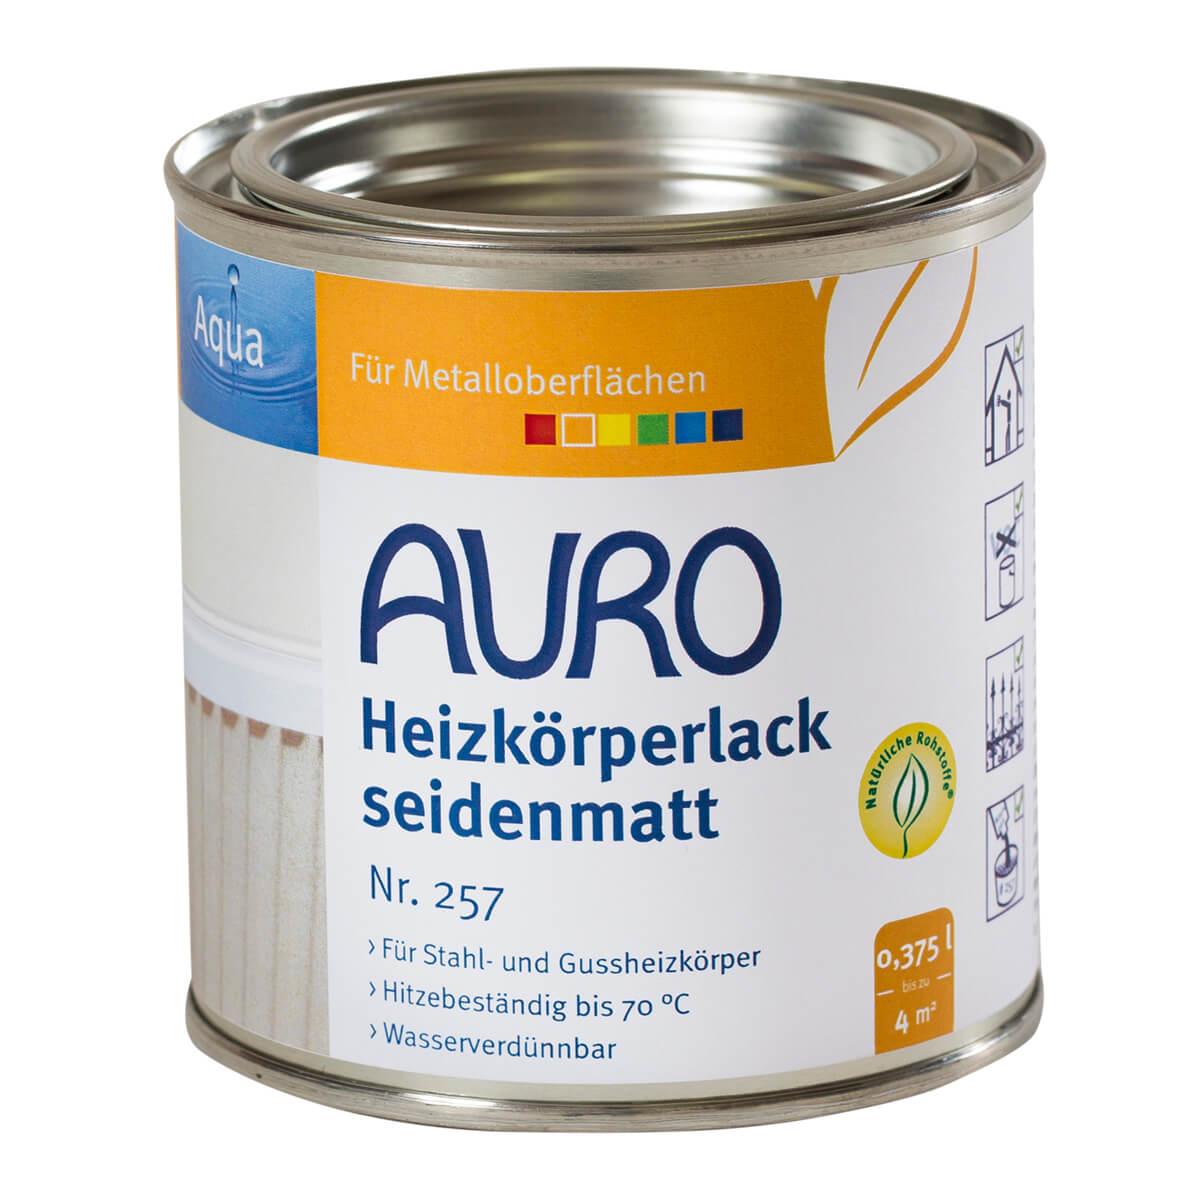 AURO Heizkörperlack, seidenmatt Nr. 257 - 0,375L